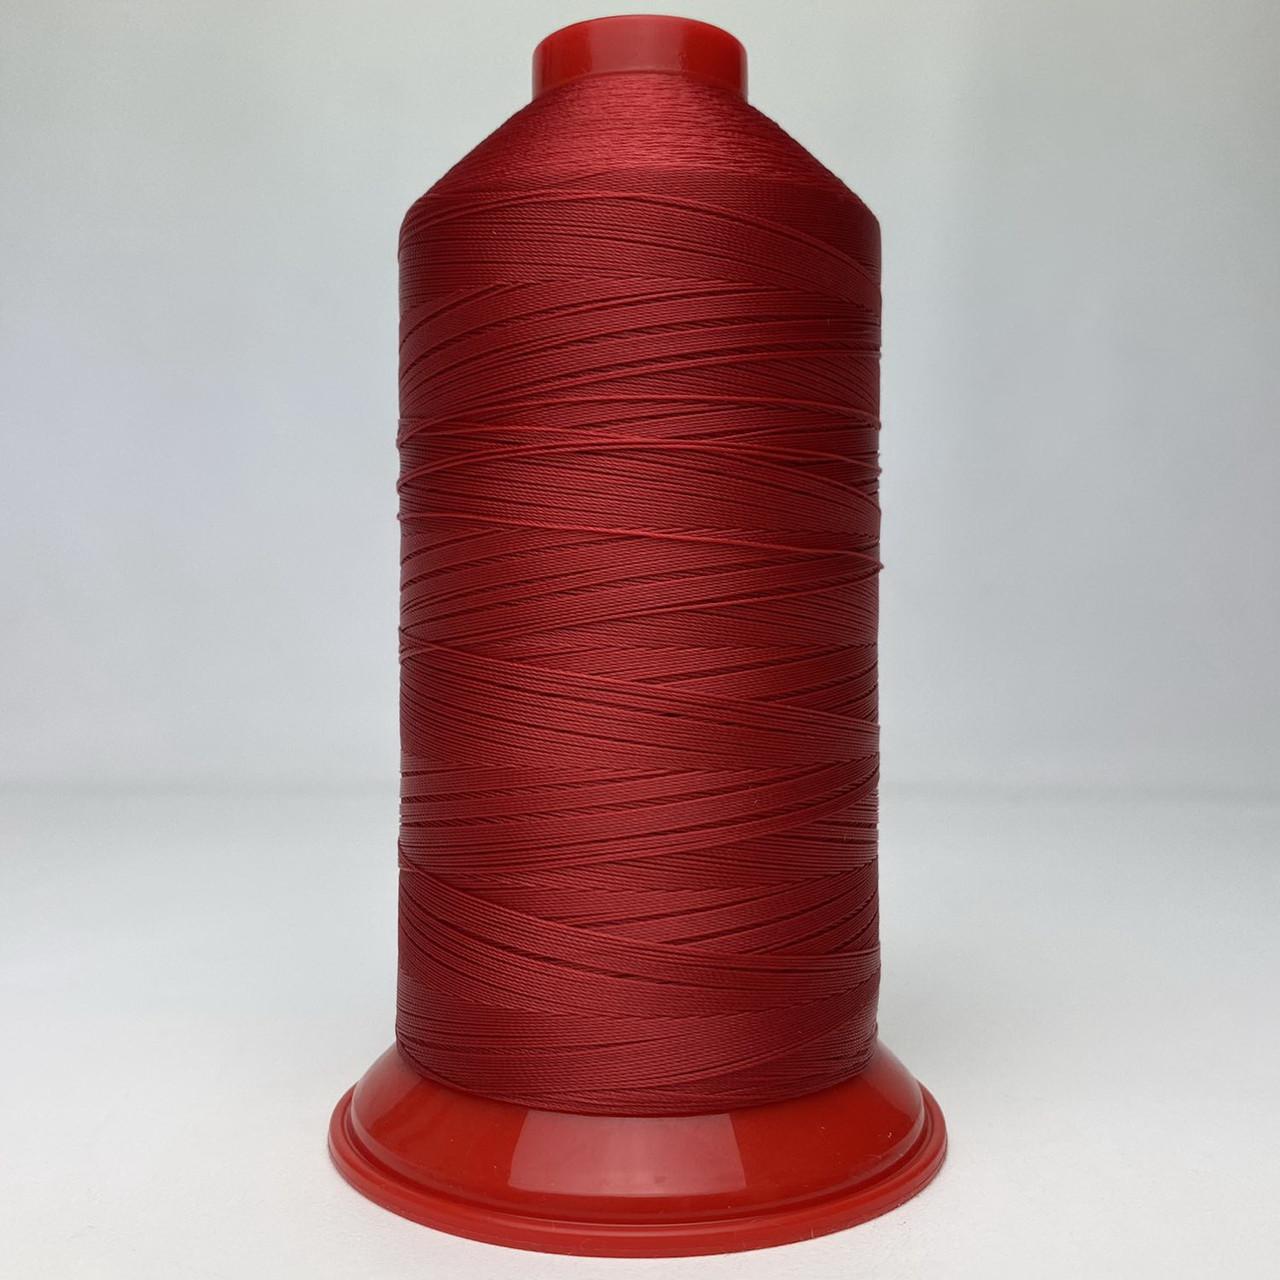 Нитка POLYART(ПОЛИАРТ) N30 колір 1644 червоний, для пошиття чохлів на автомобільні сидіння і кермо, 2500м